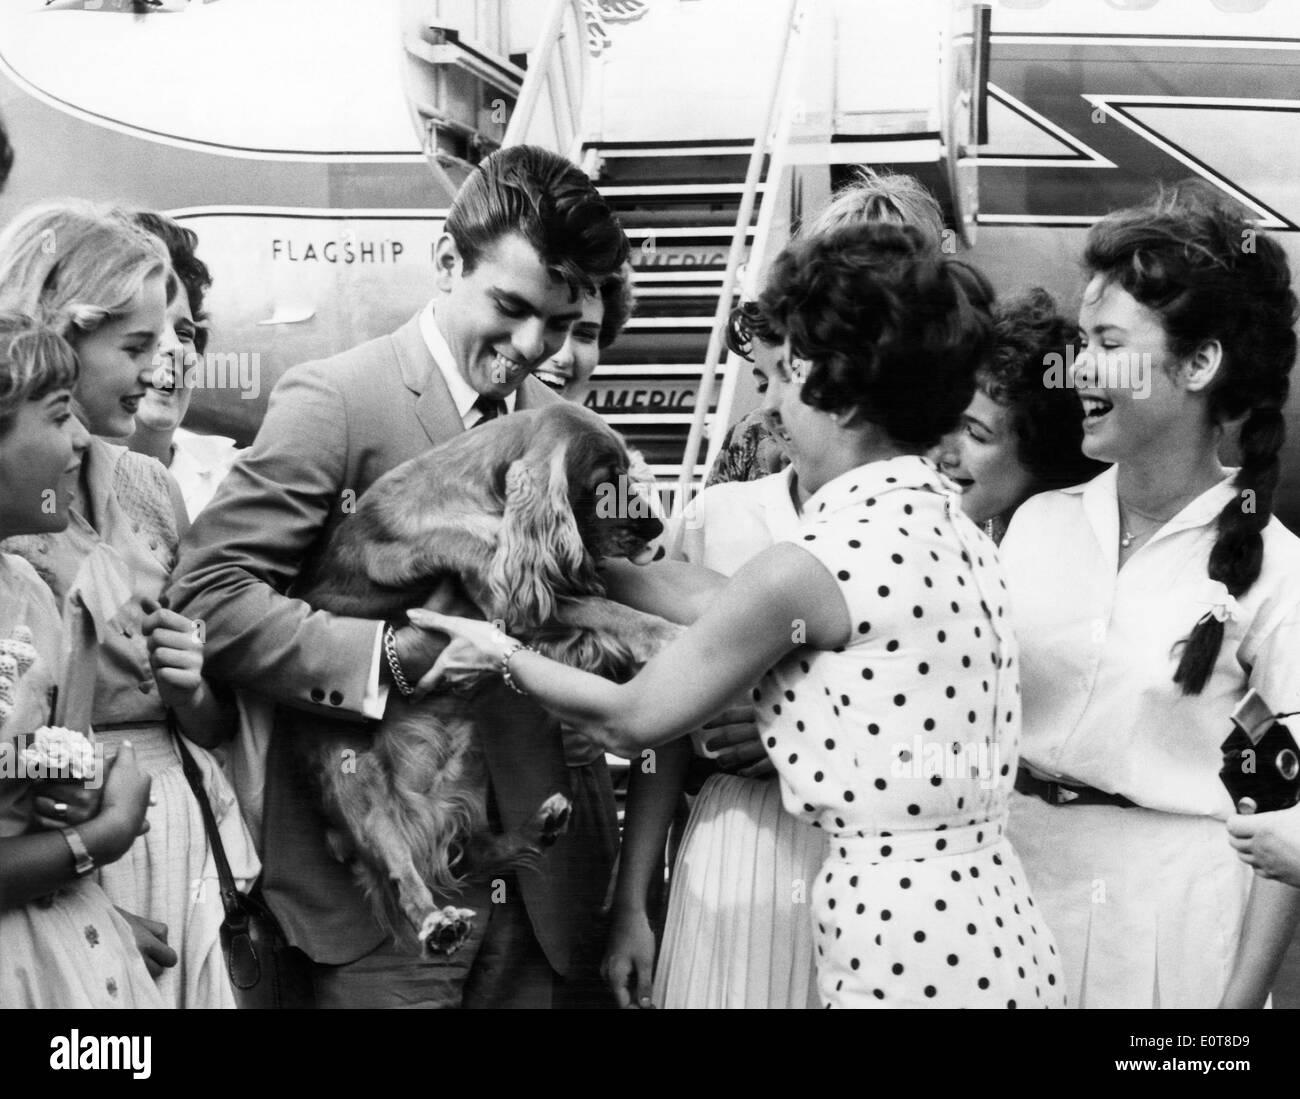 Fabian avec son chien, Sam, être accueilli par des fans à l'aéroport, New York City, USA, 1959 Photo Stock